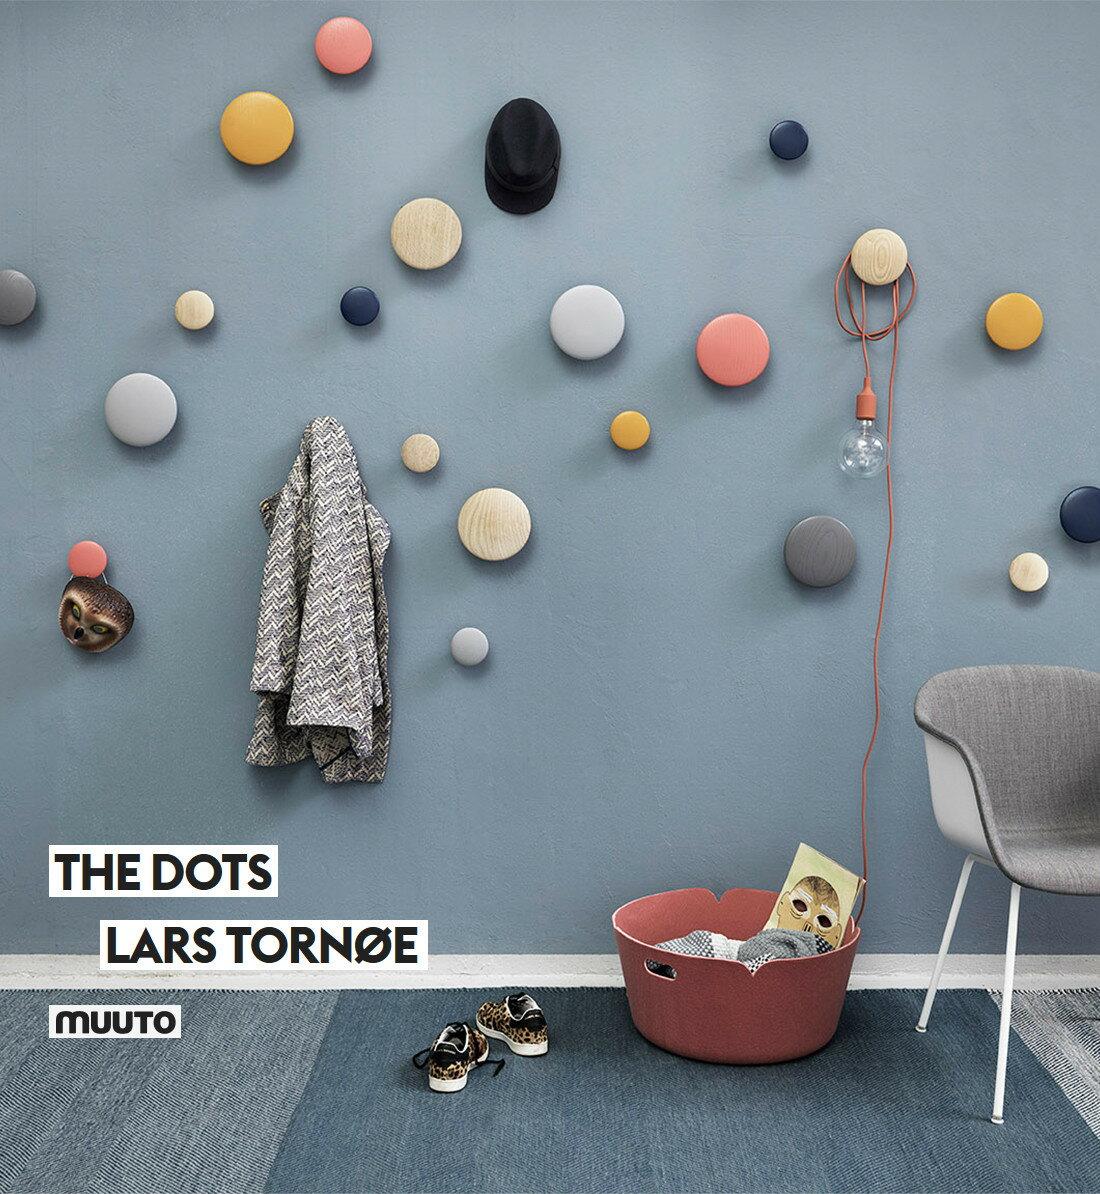 MUUTO/ムート MUUTOの収納雑貨 THE DOTS/ドッツ L-サイズ※1個づつの販売となります。/北欧  ●